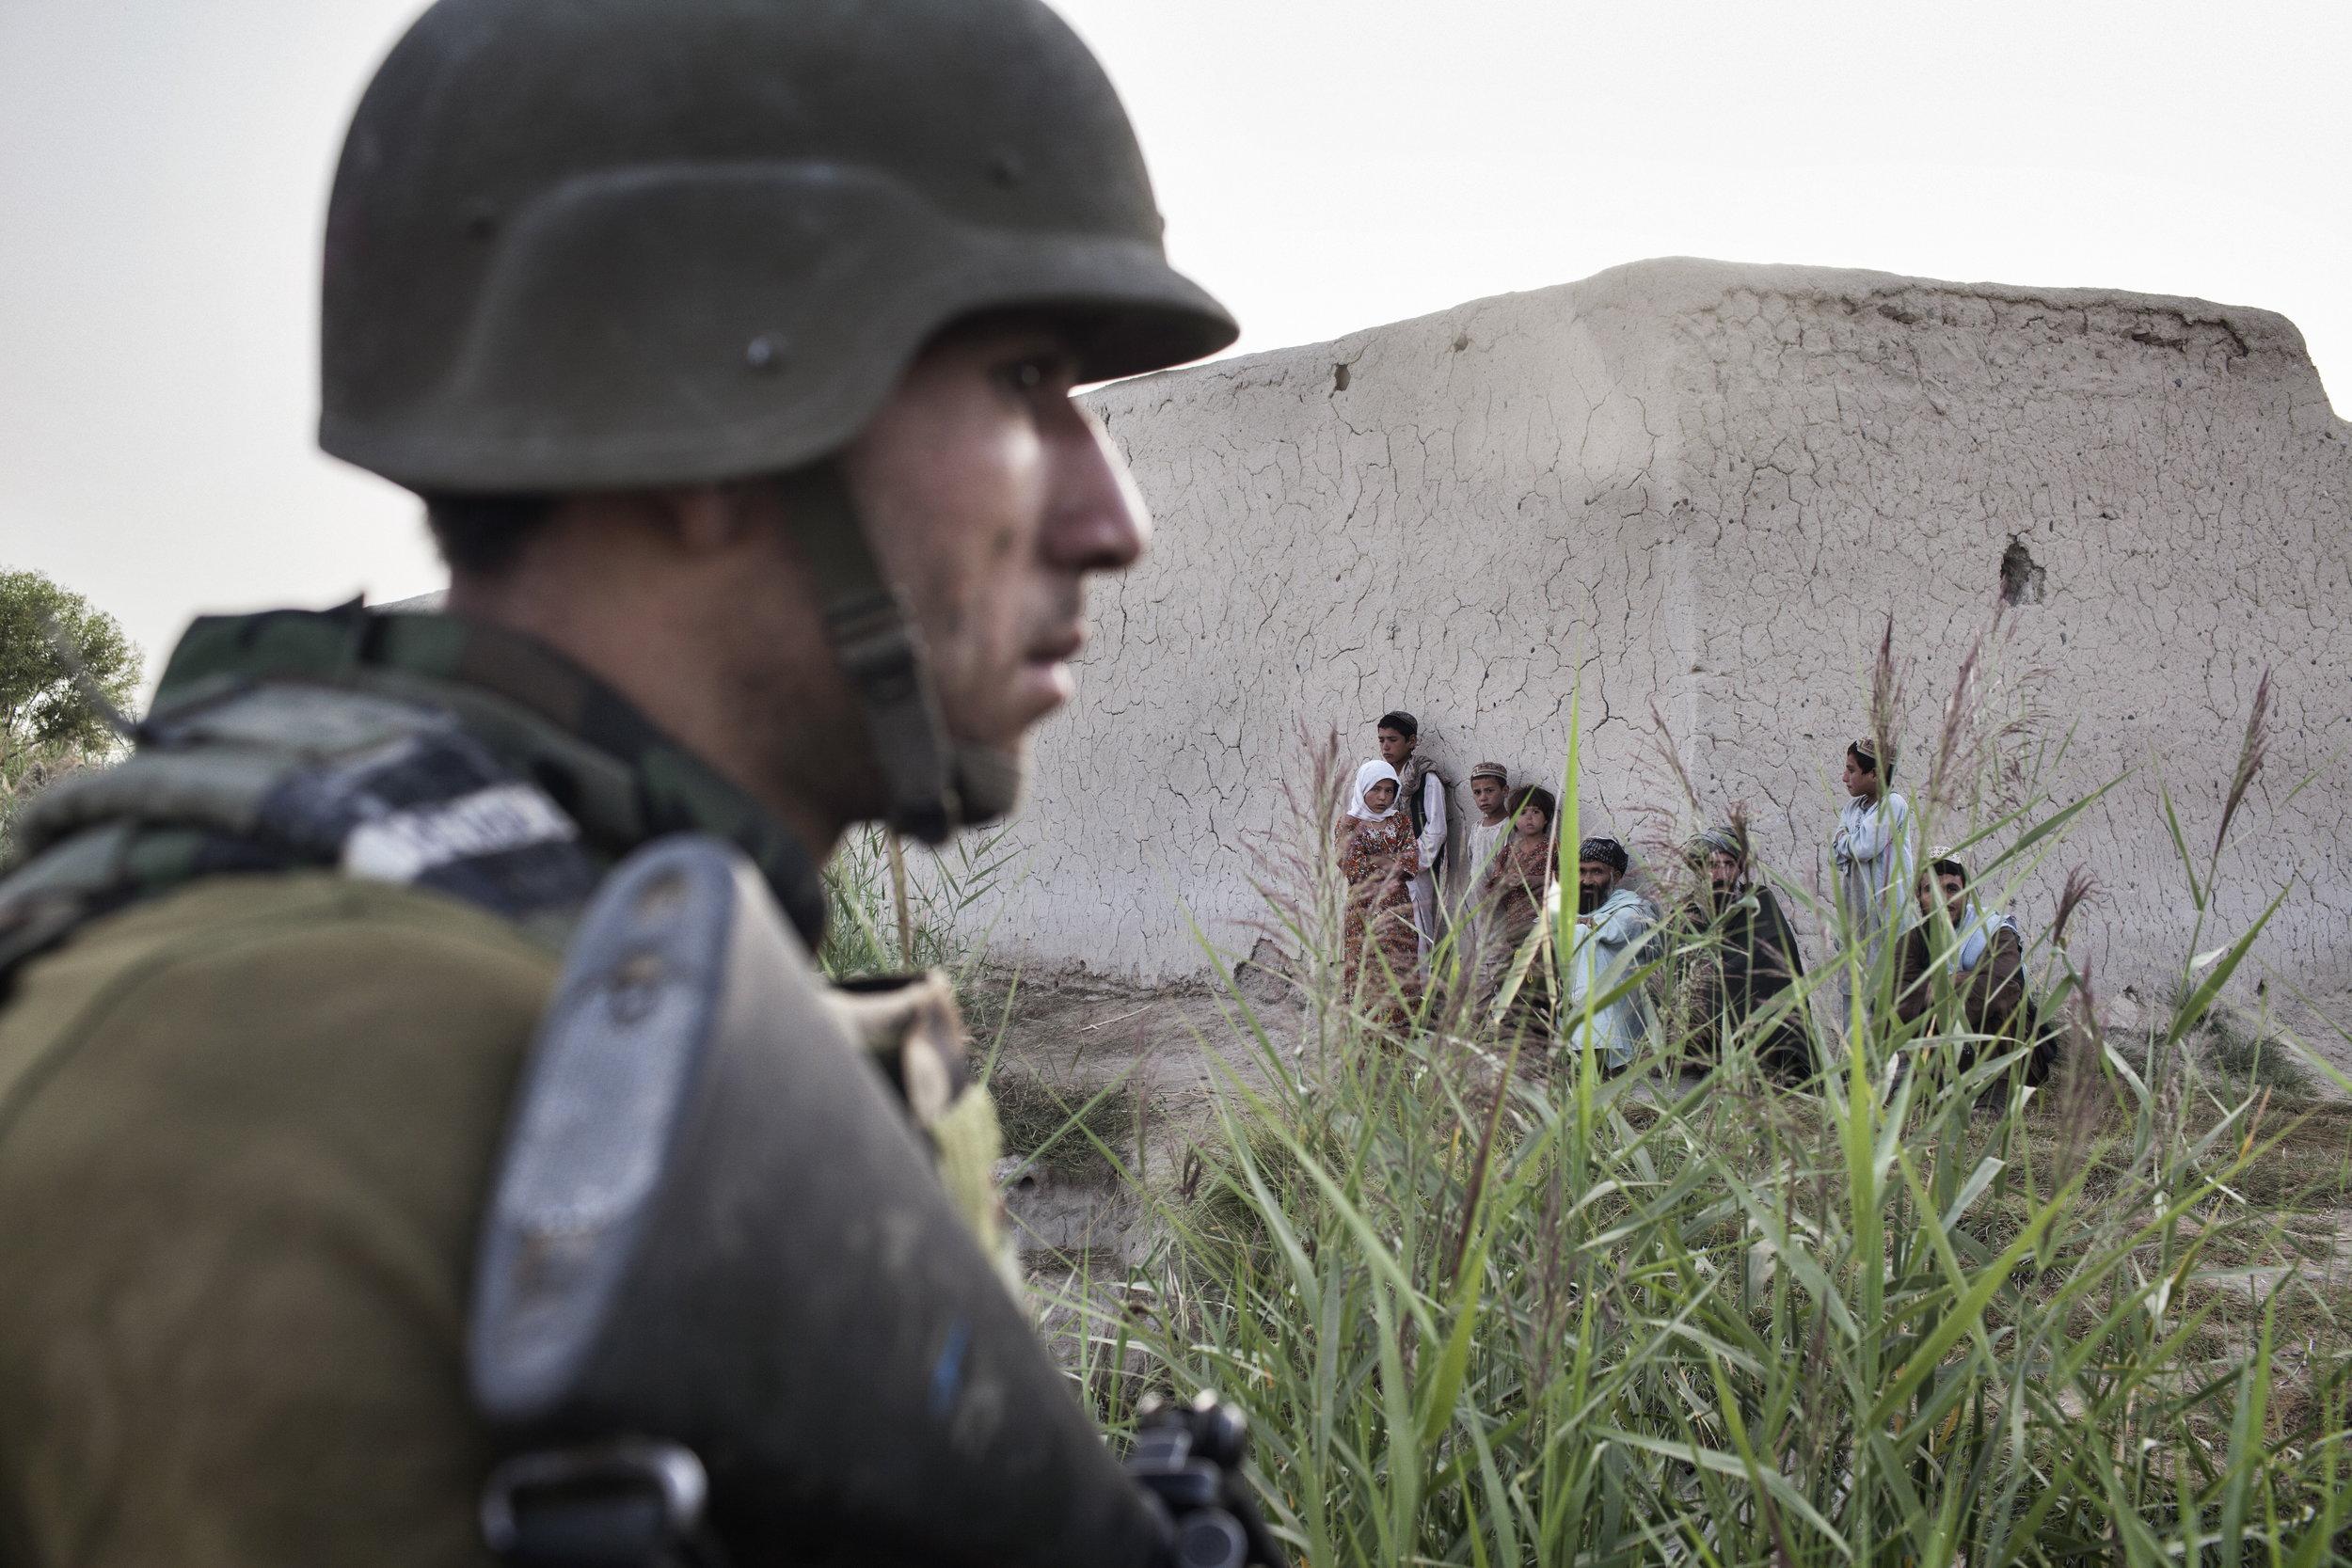 Sebastian_Meyer_Afghanistan_04.jpg